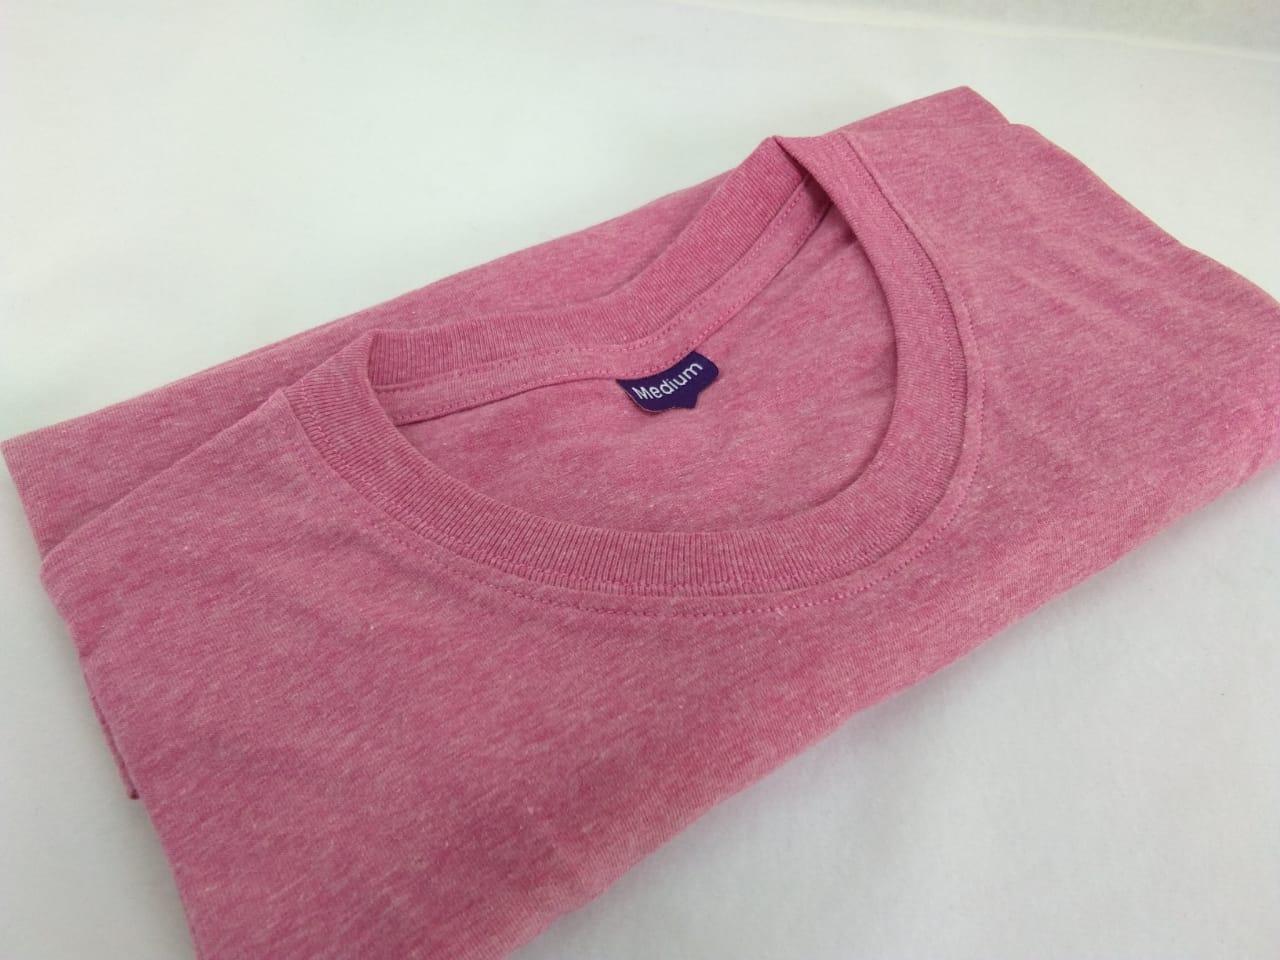 Kaos Polos PINK MISTY / Baju Kaos Polos Ping Misti / Lengan Pendek / Pria Wanita